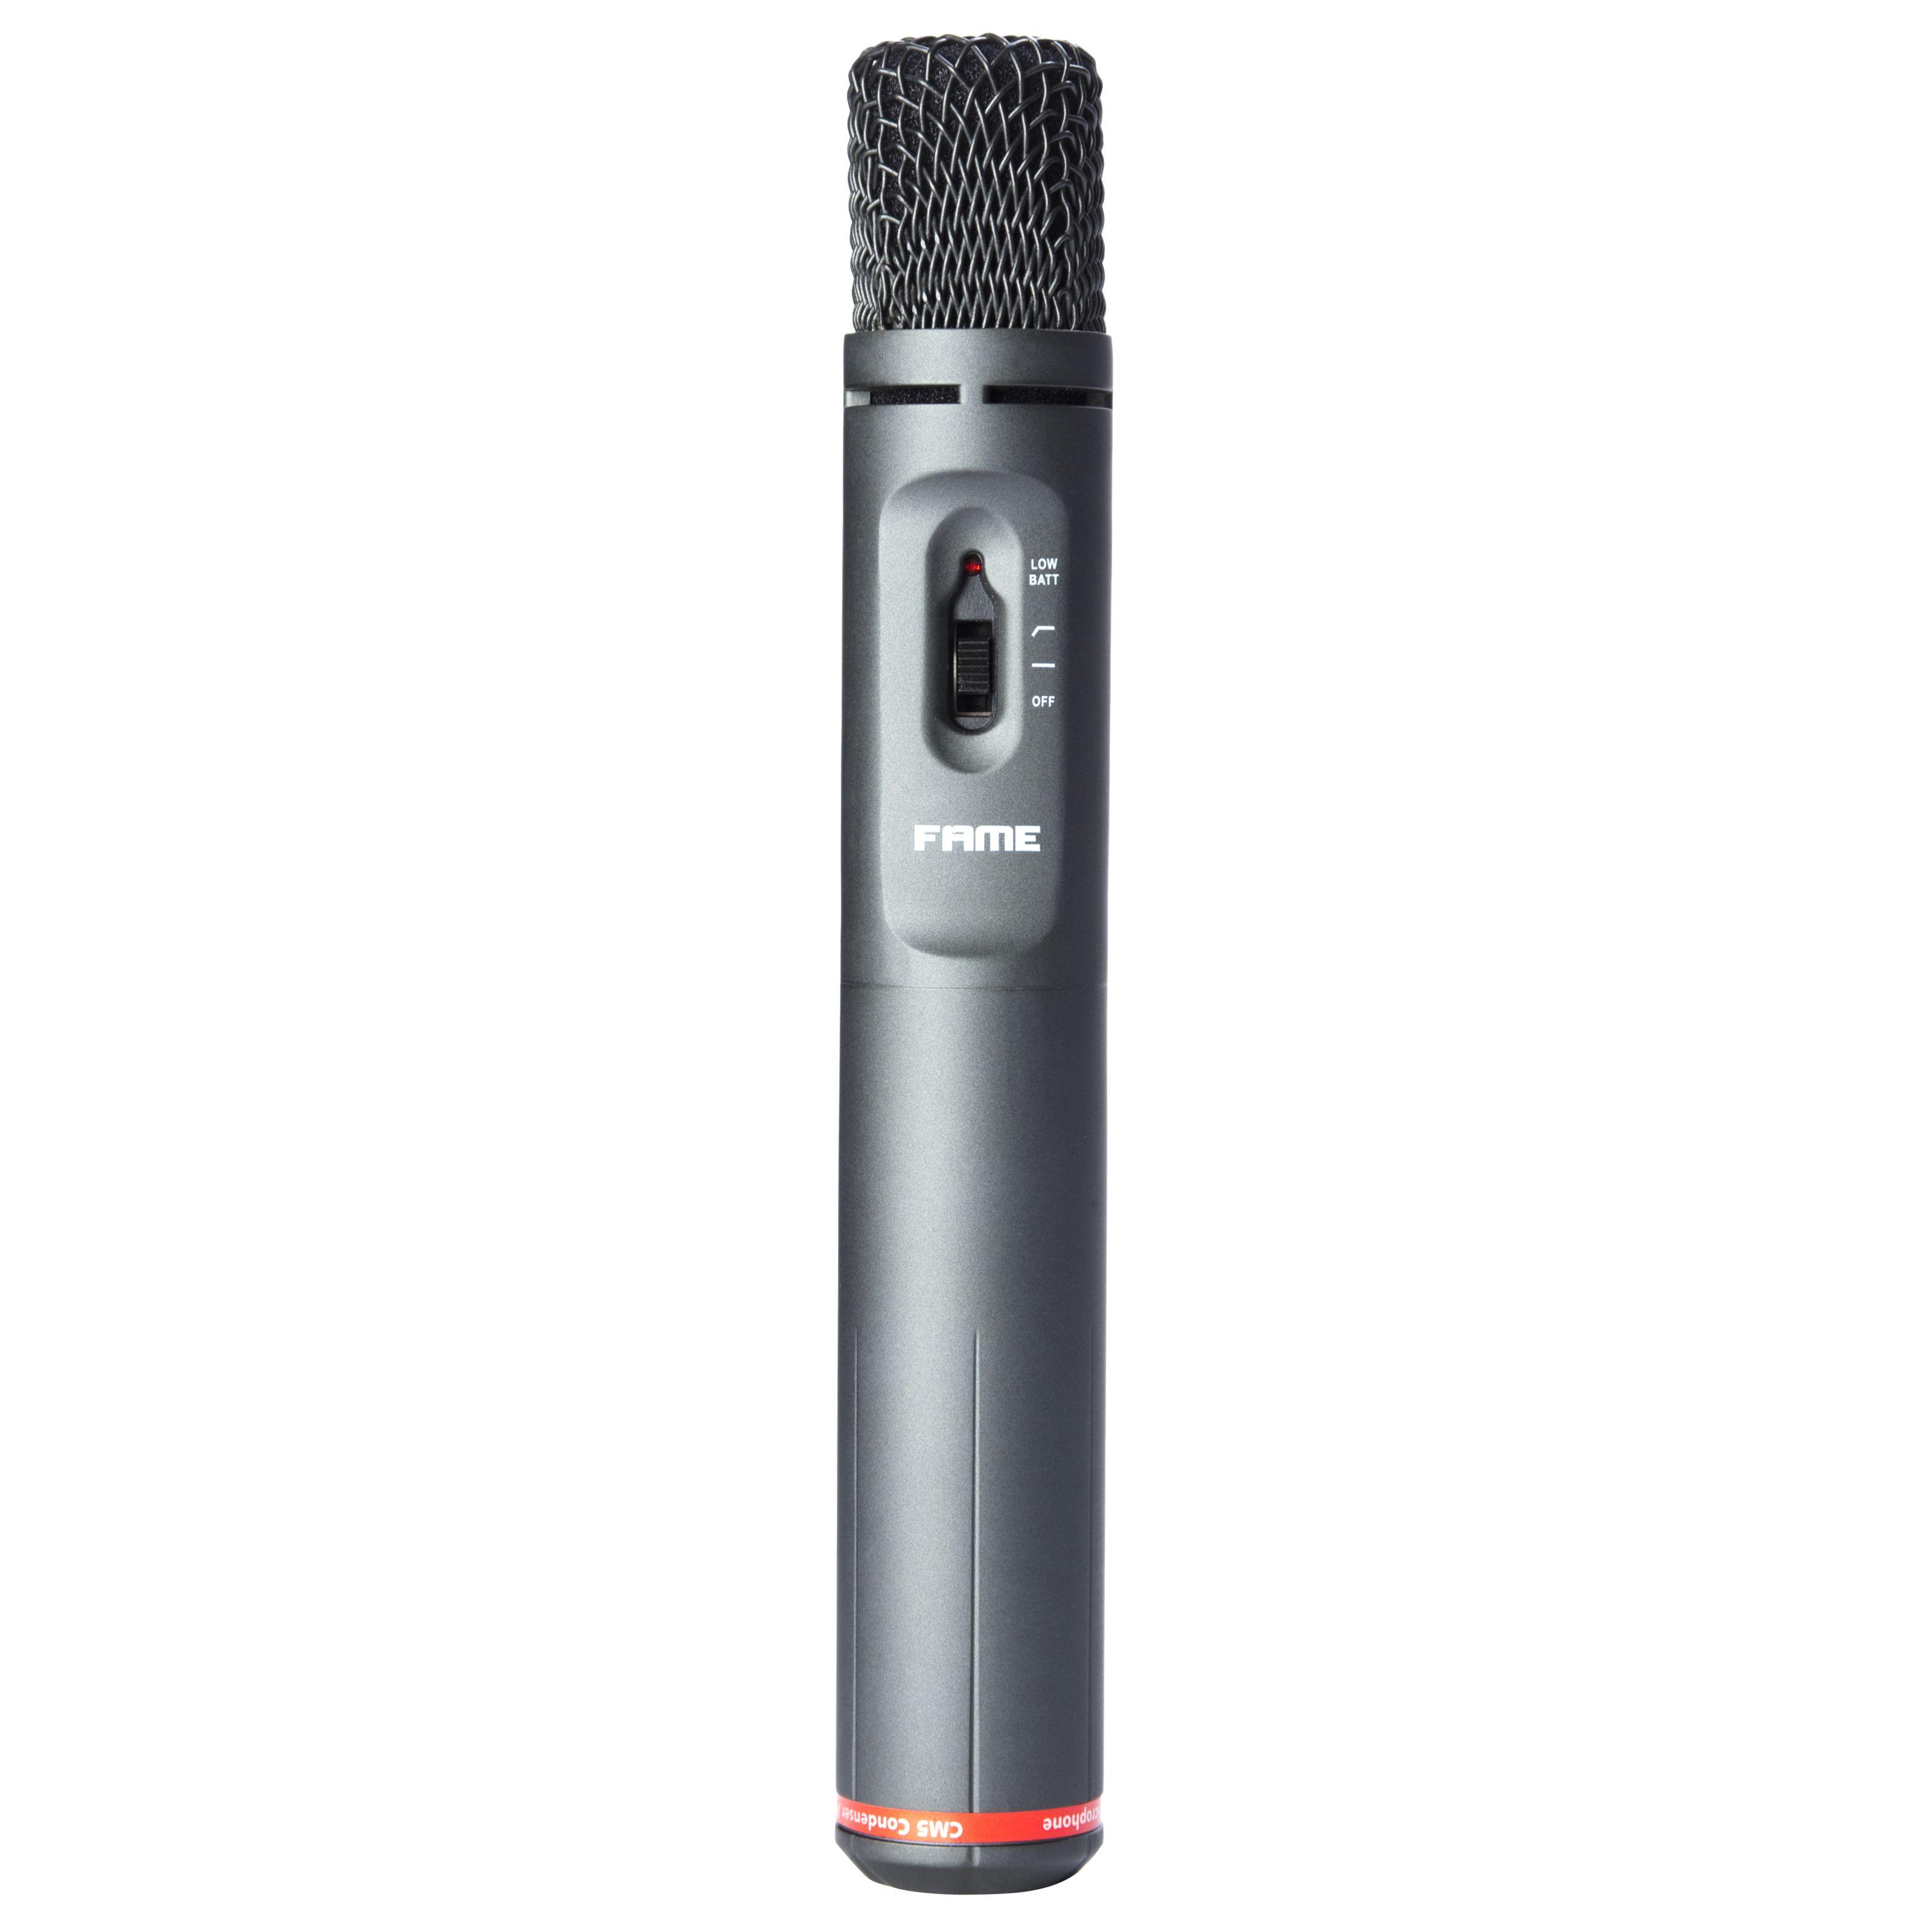 Fame Audio - CM 5 Kondensator Mikrofon CM5